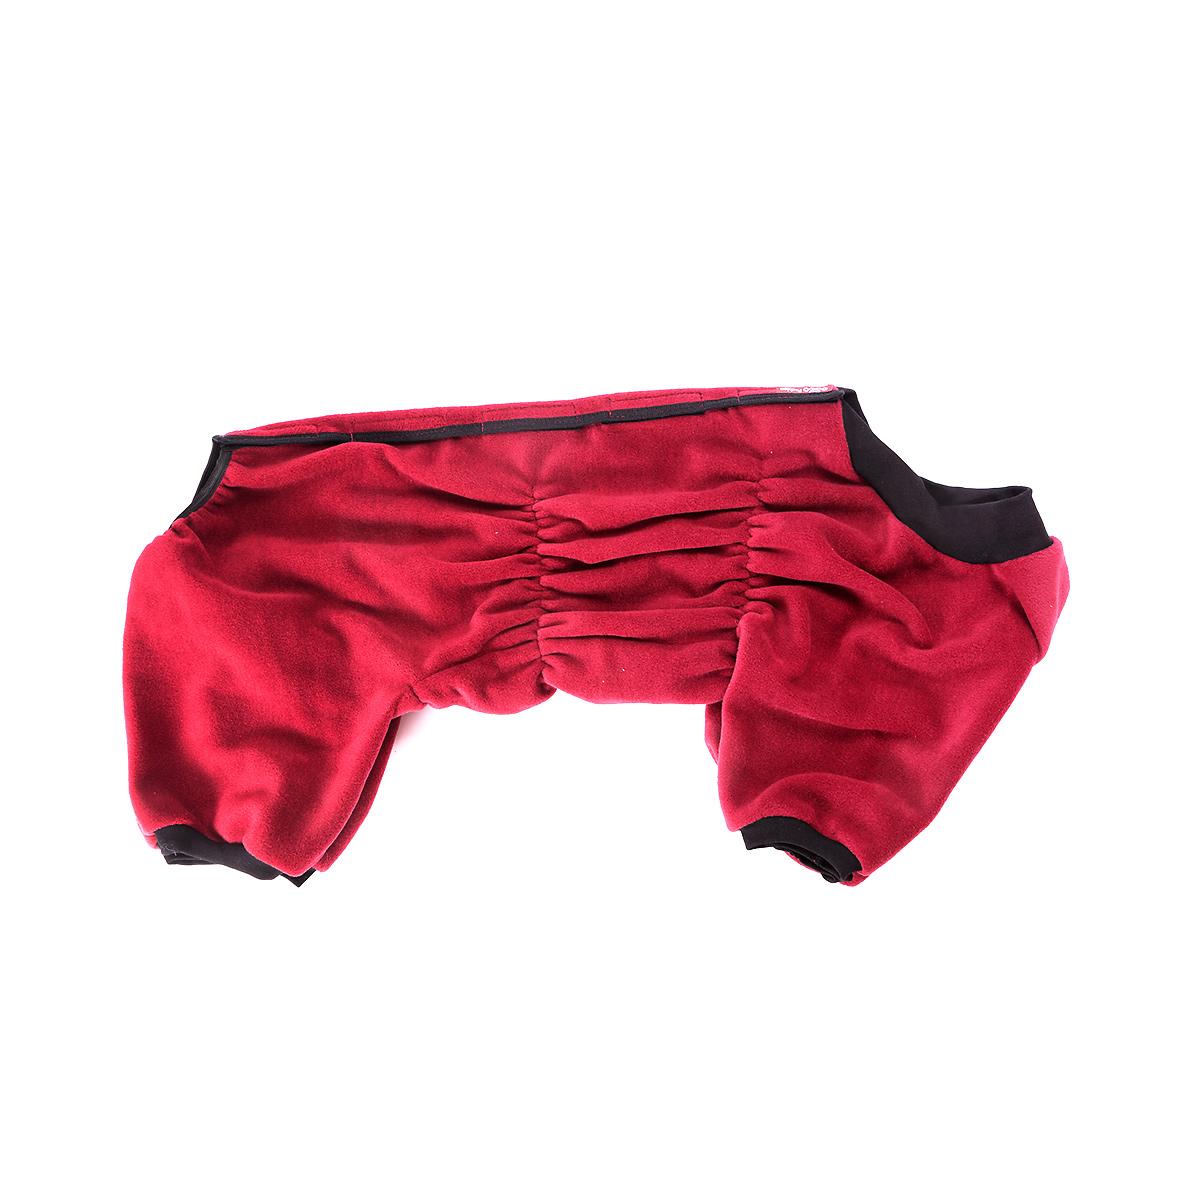 Комбинезон для собак OSSO Fashion, для девочки, цвет: бордовый. Размер 50Кф-1017Комбинезон для собак OSSO Fashion выполнен из флиса. Комфортная посадка по корпусу достигается за счет резинок-утяжек под грудью и животом. На воротнике имеются завязки, для дополнительной фиксации. Можно носить самостоятельно и как поддевку под комбинезон для собак. Изделие отлично стирается, быстро сохнет. Длина спинки: 50 см. Объем груди: 58-82 см.